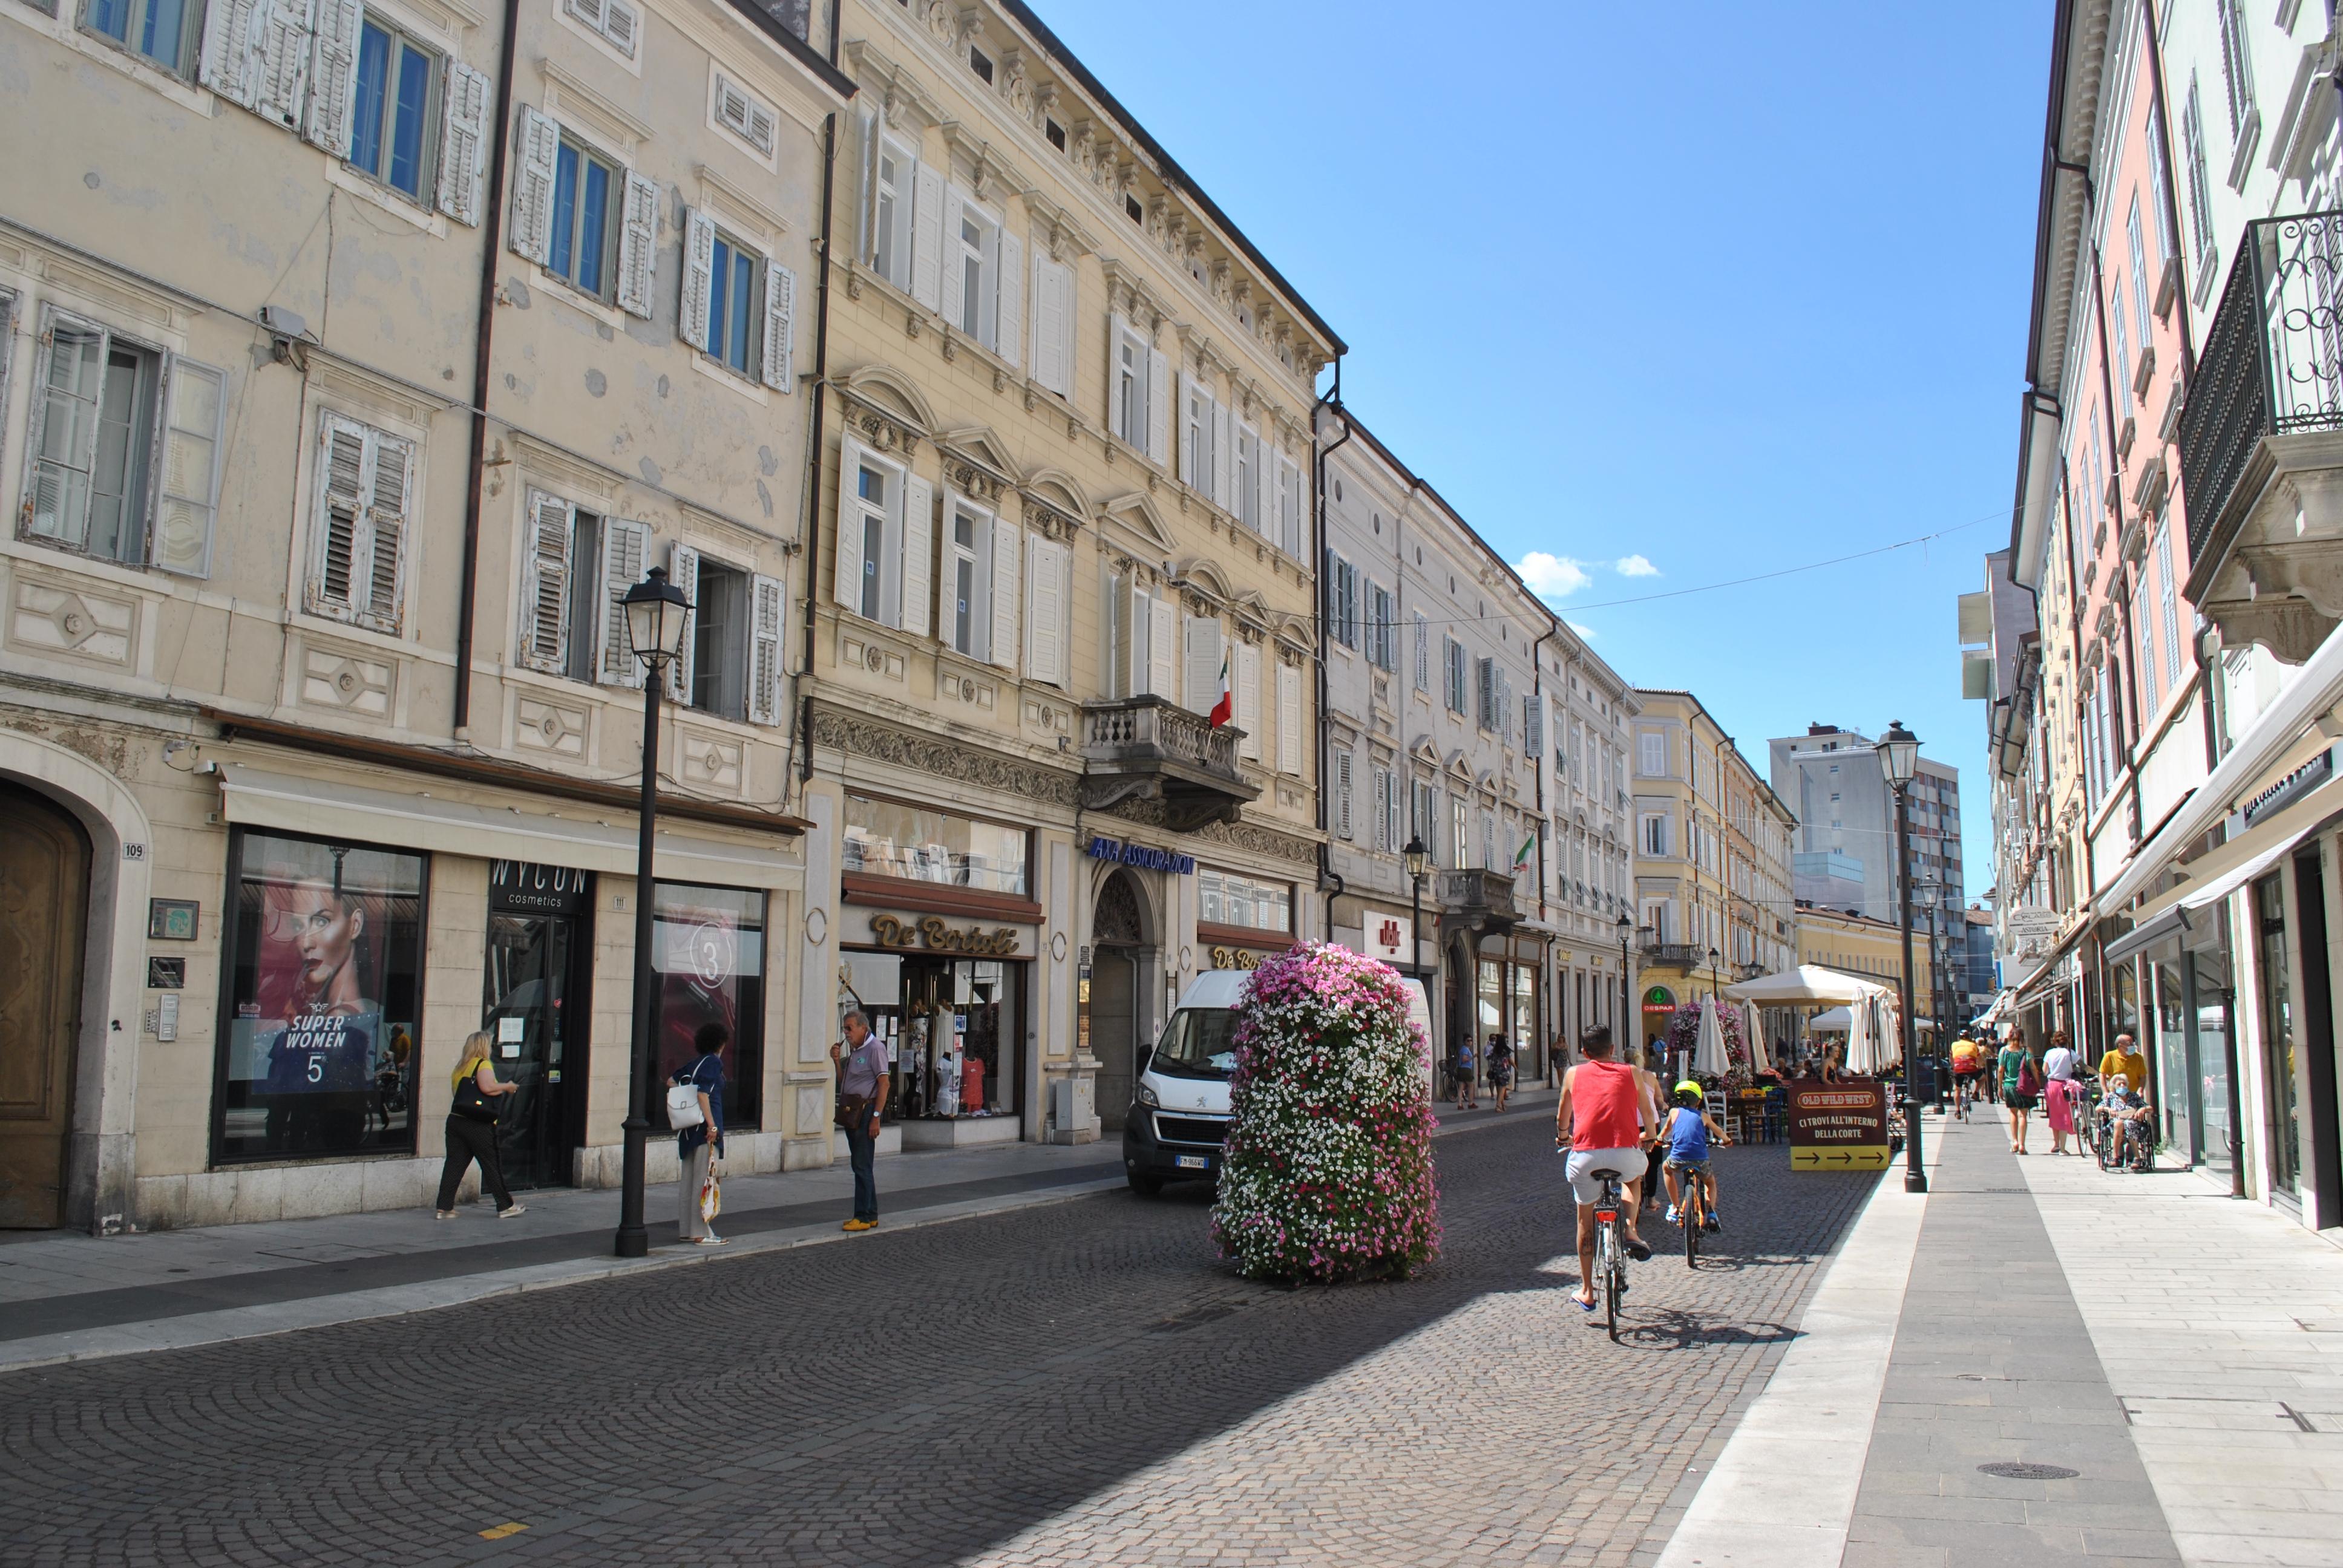 Immagine per Musica e show per inaugurare i saldi estivi, Gorizia chiama gli artisti di strada